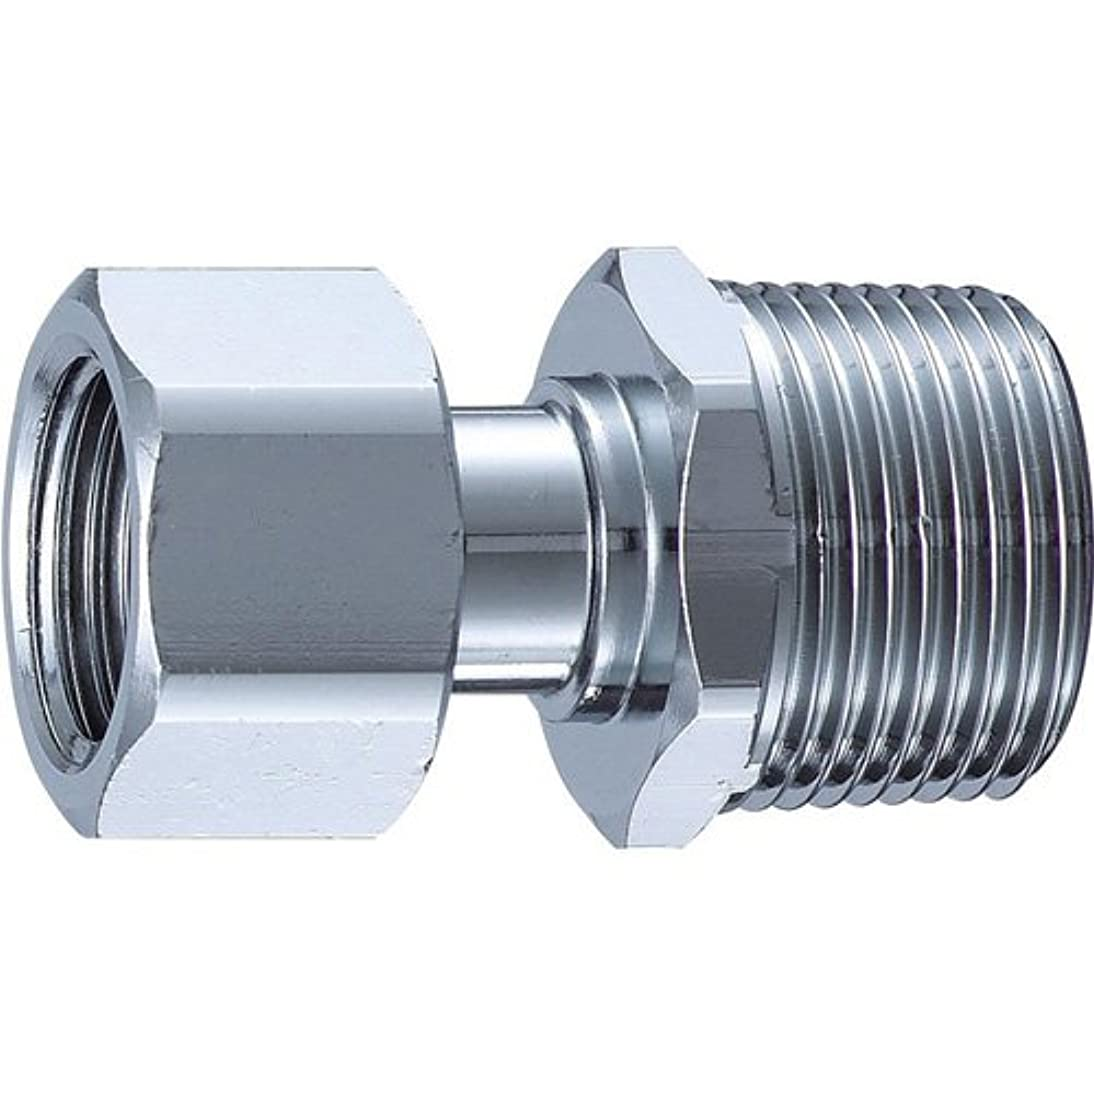 気配りのあるオーブン咽頭三栄水栓[SANEI] 配管用品 異径片ナット付アダプター 【T841-20X13】